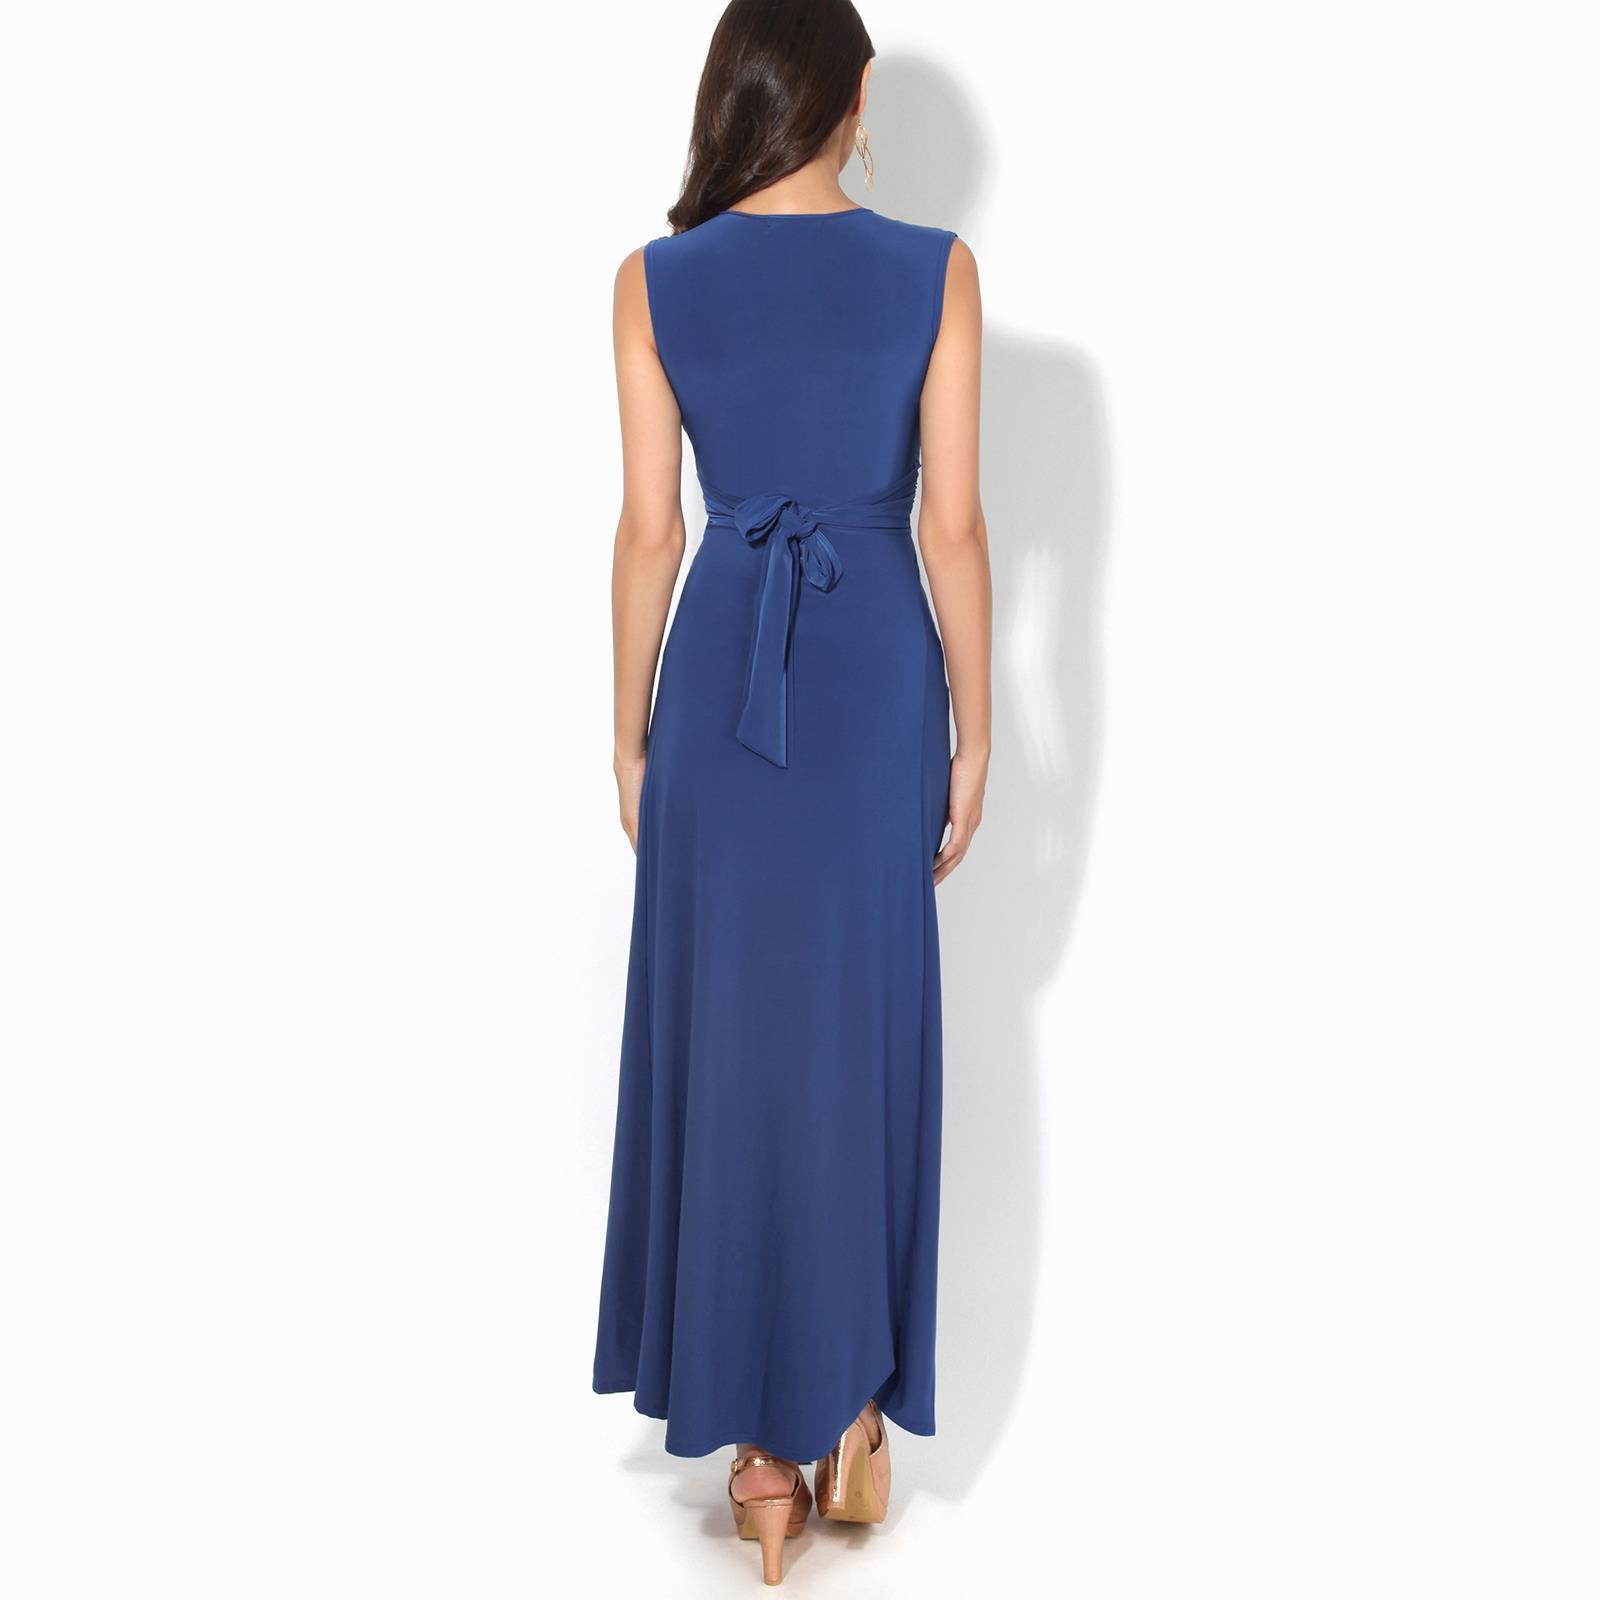 Womens-Ladies-Boho-Long-Maxi-Dress-Knot-V-Neck-Sleeveless-Pleated-Summer-Party thumbnail 10